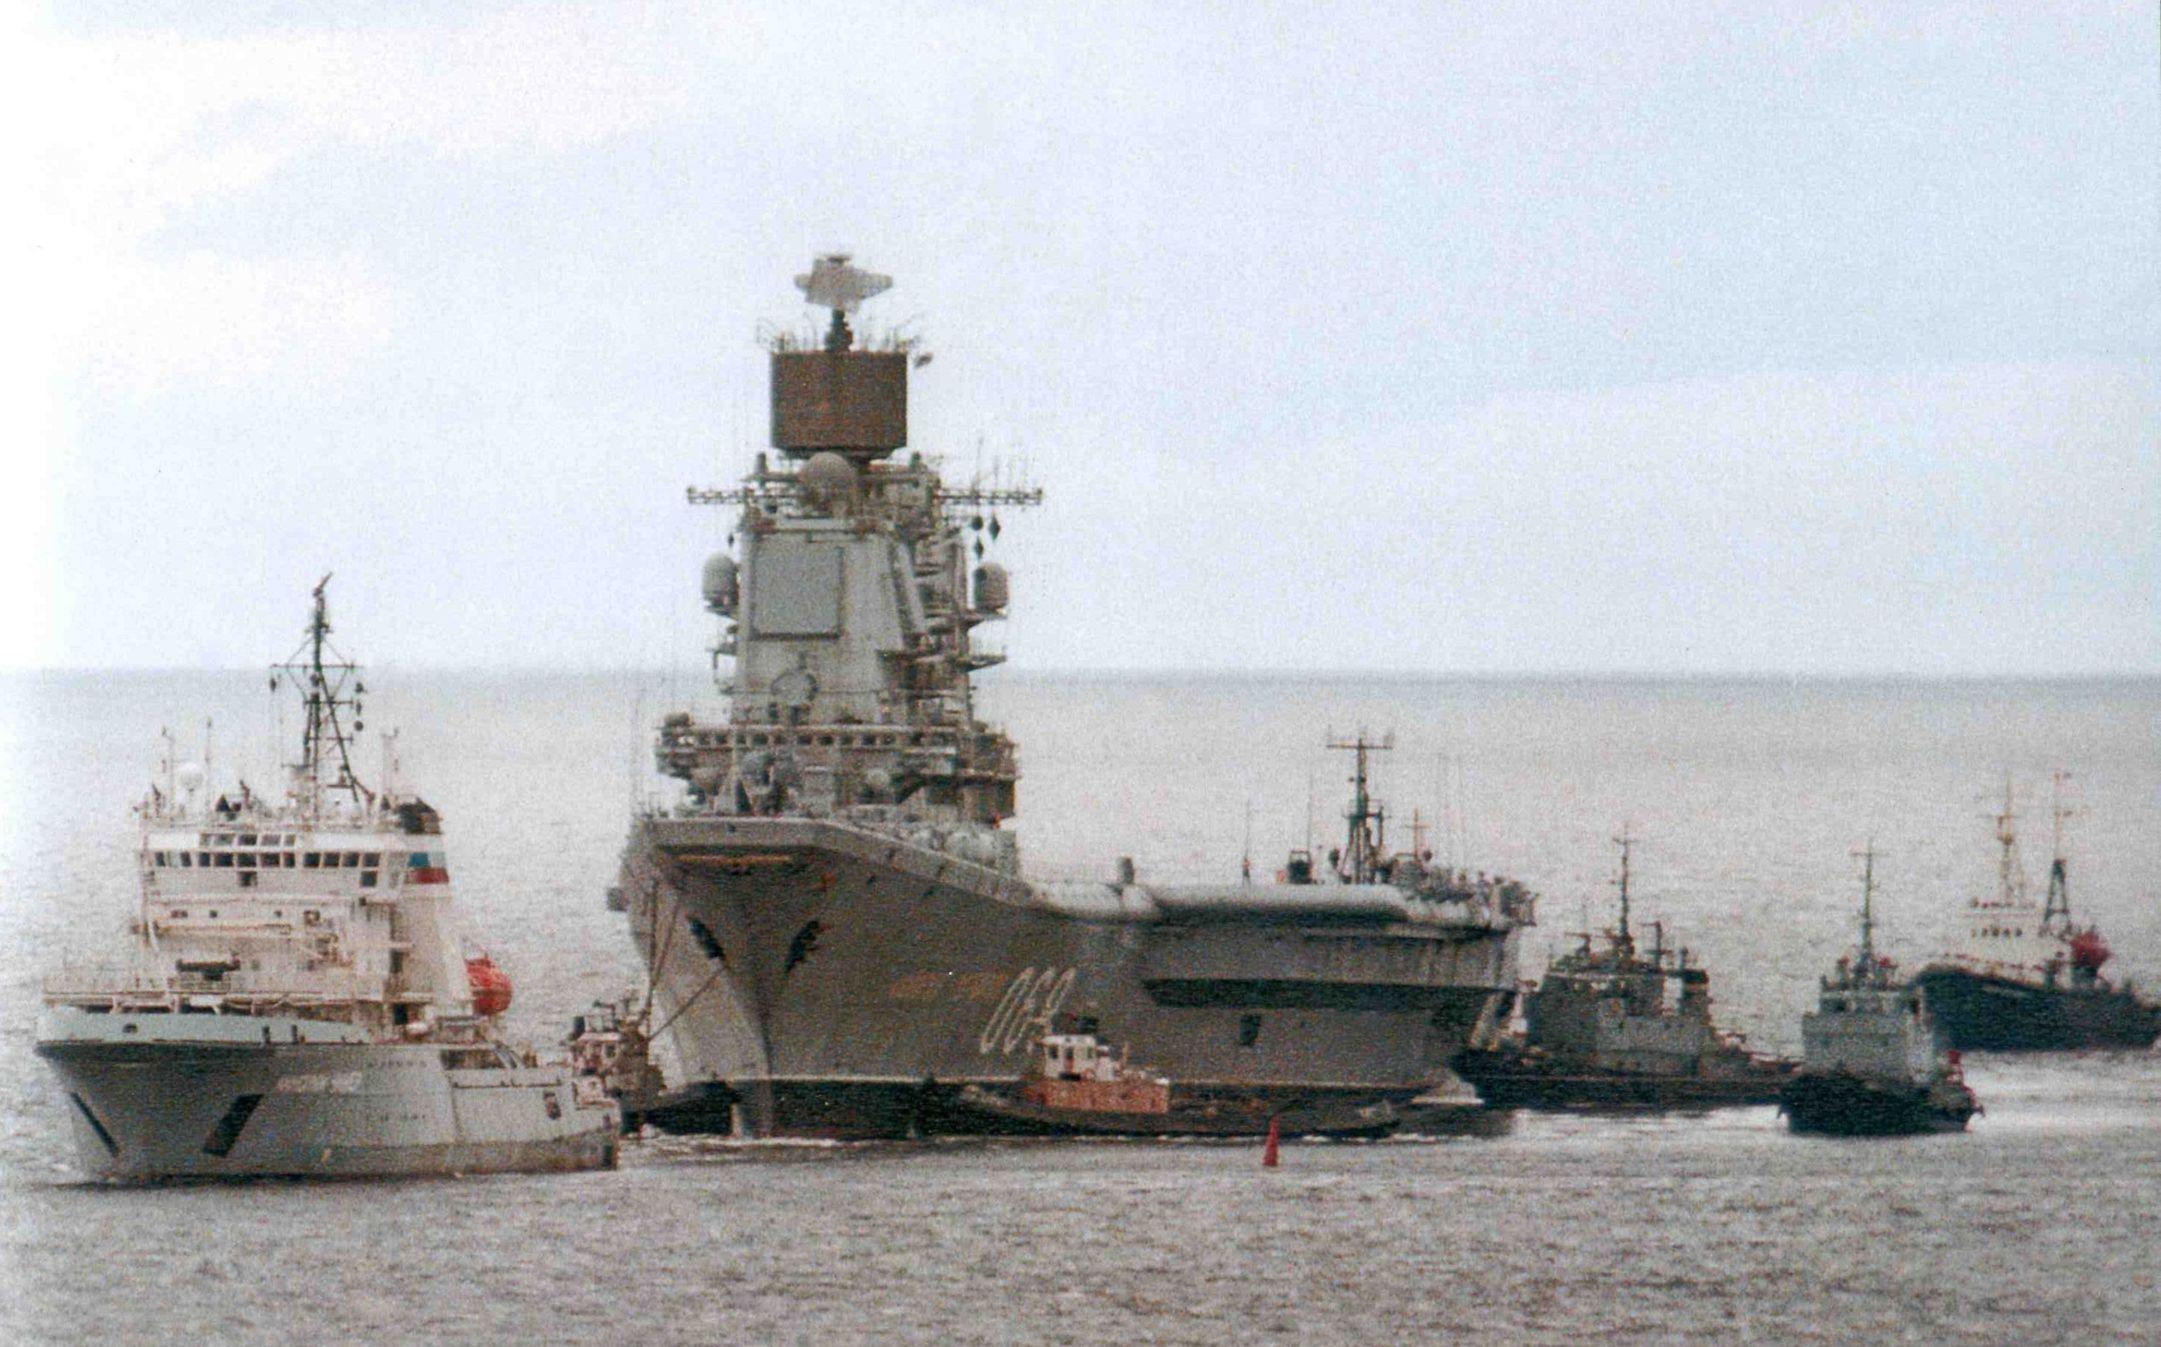 Тяжелый авианесущий крейсер. Пр.11434. «Адмирал Горшков». - 12 Переход на Севмаш_июль 1999